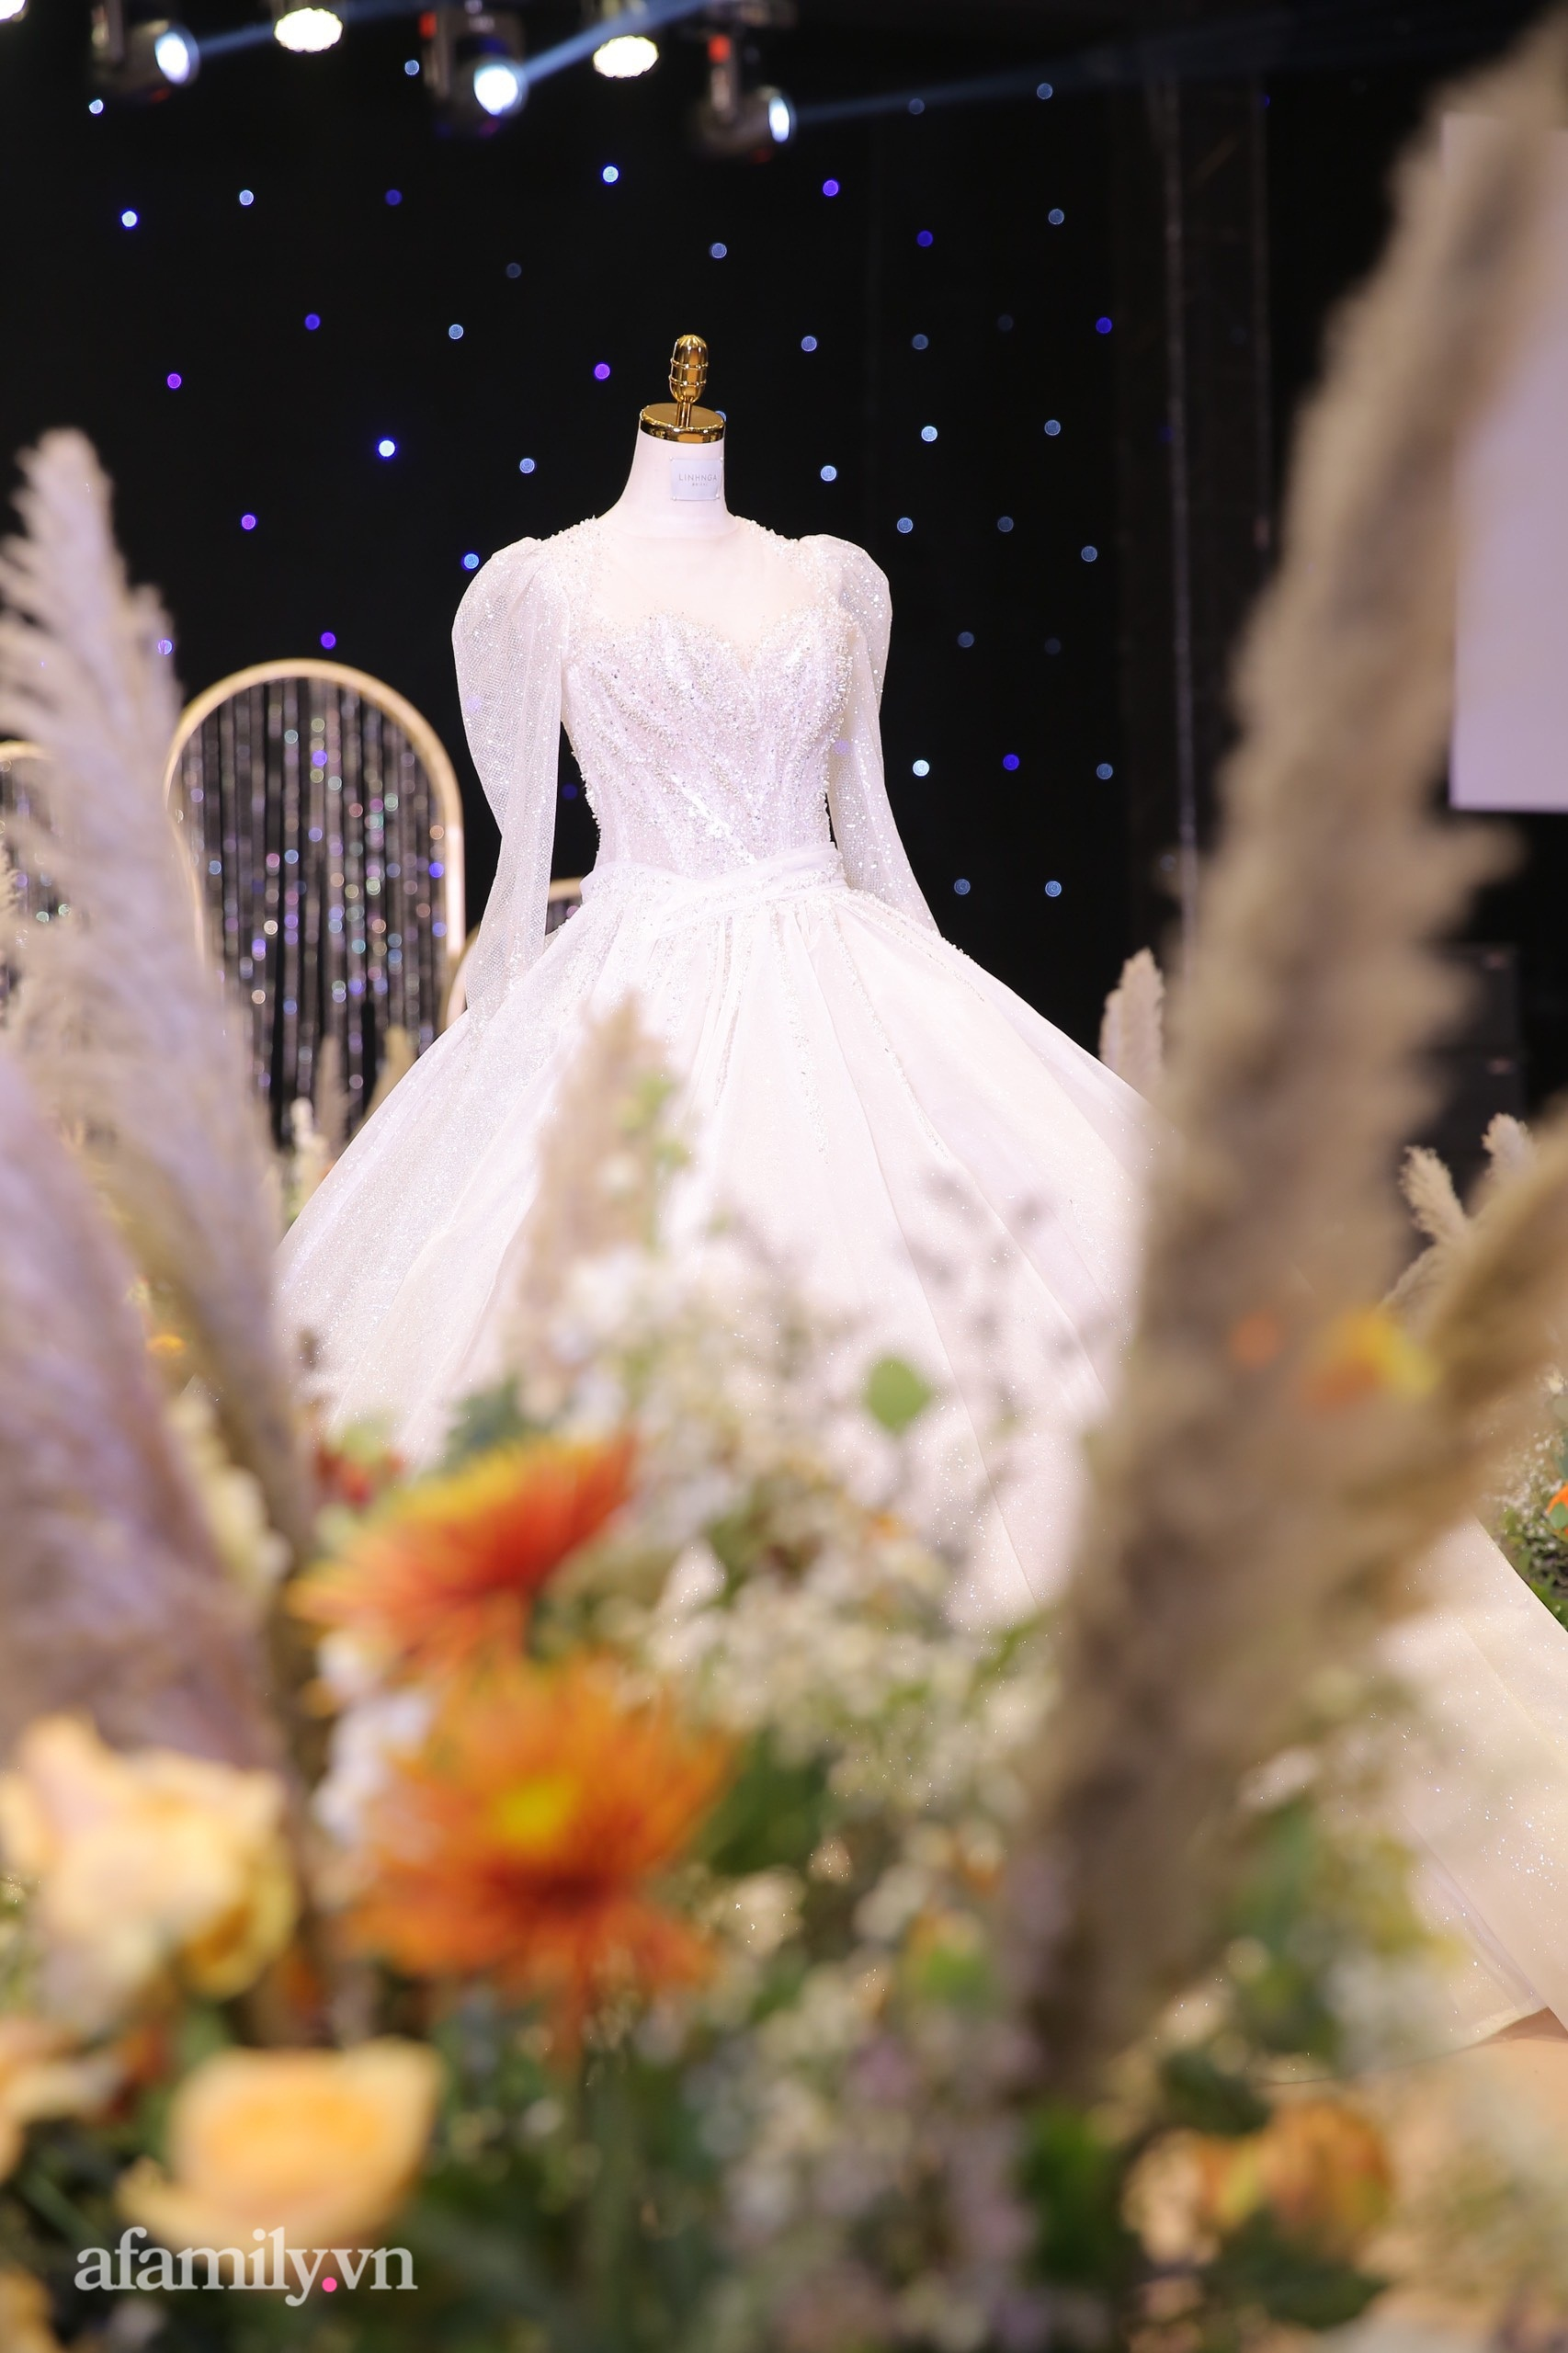 Cận cảnh chiếc váy cưới lấp lánh của vợ Bùi Tiến Dũng mặc trong hôn lễ ở Hà Nội, thêm 2 khu sân khấu cả ngoài trời - trong nhà cũng đều rất hoành tráng-4